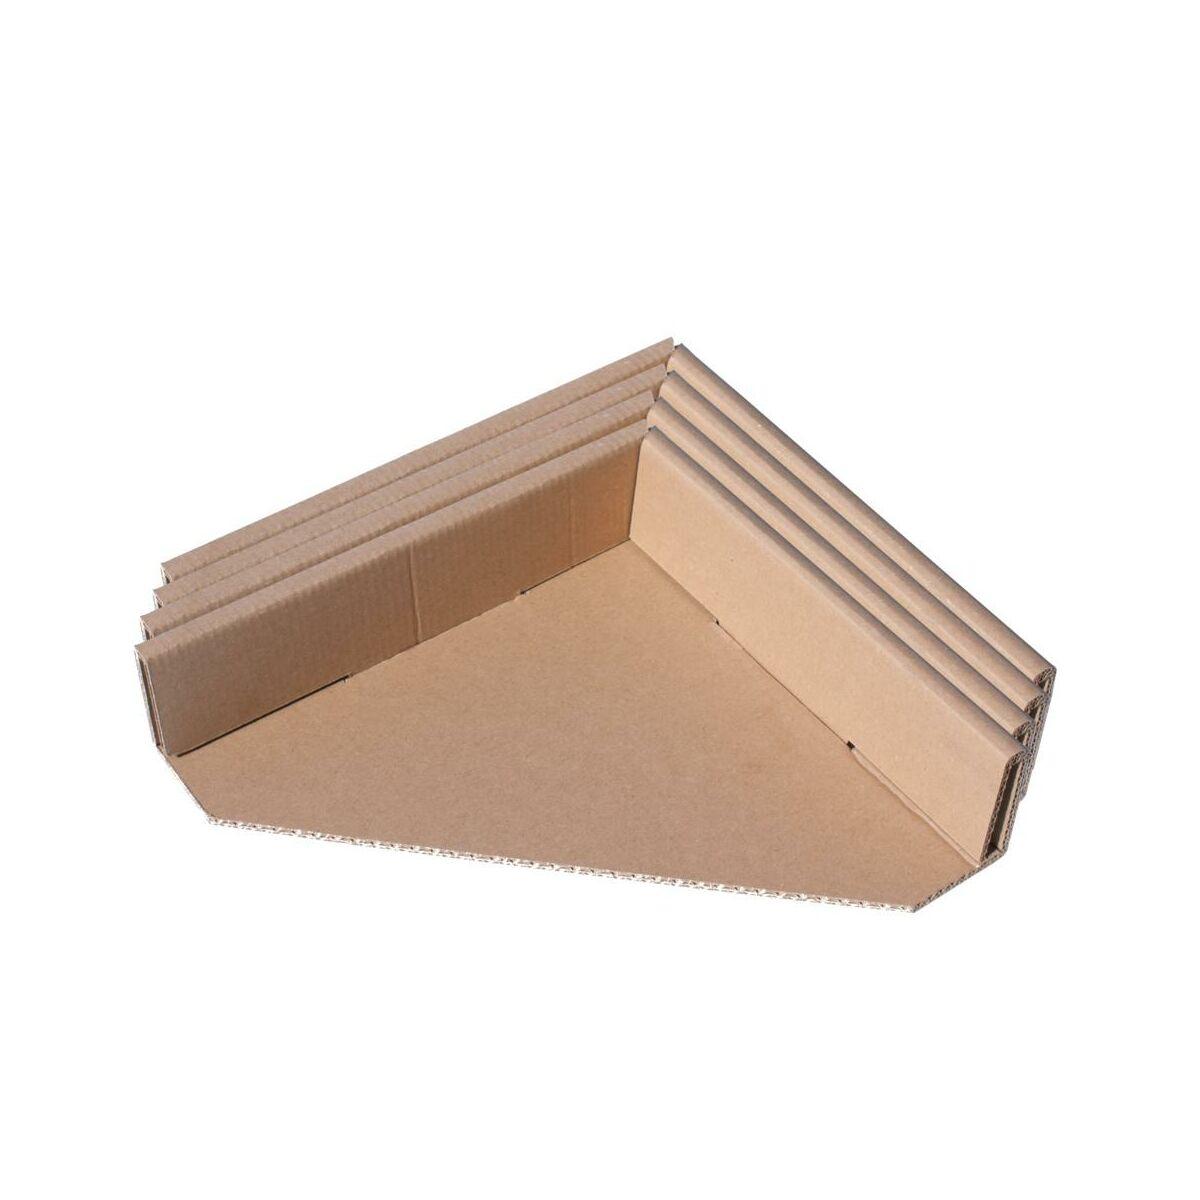 Pudelko Kartonowe Spaceo Produkty Do Przeprowadzki W Atrakcyjnej Cenie W Sklepach Leroy Merlin